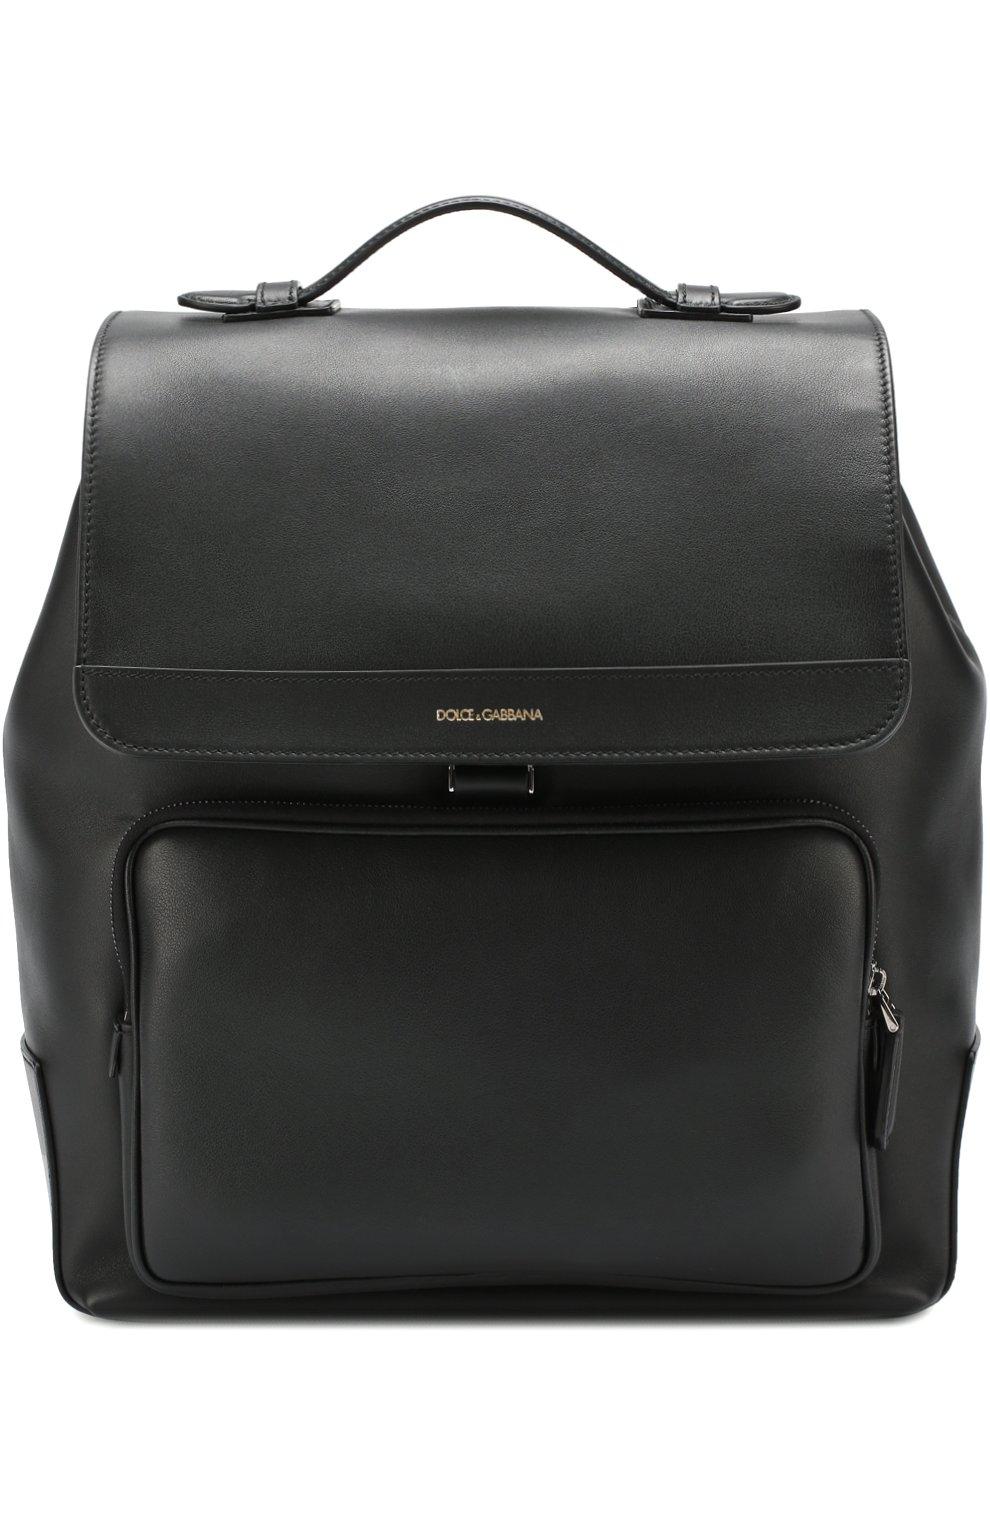 Кожаный рюкзак Mediterraneo с клапаном и внешним карманом на молнии | Фото №1